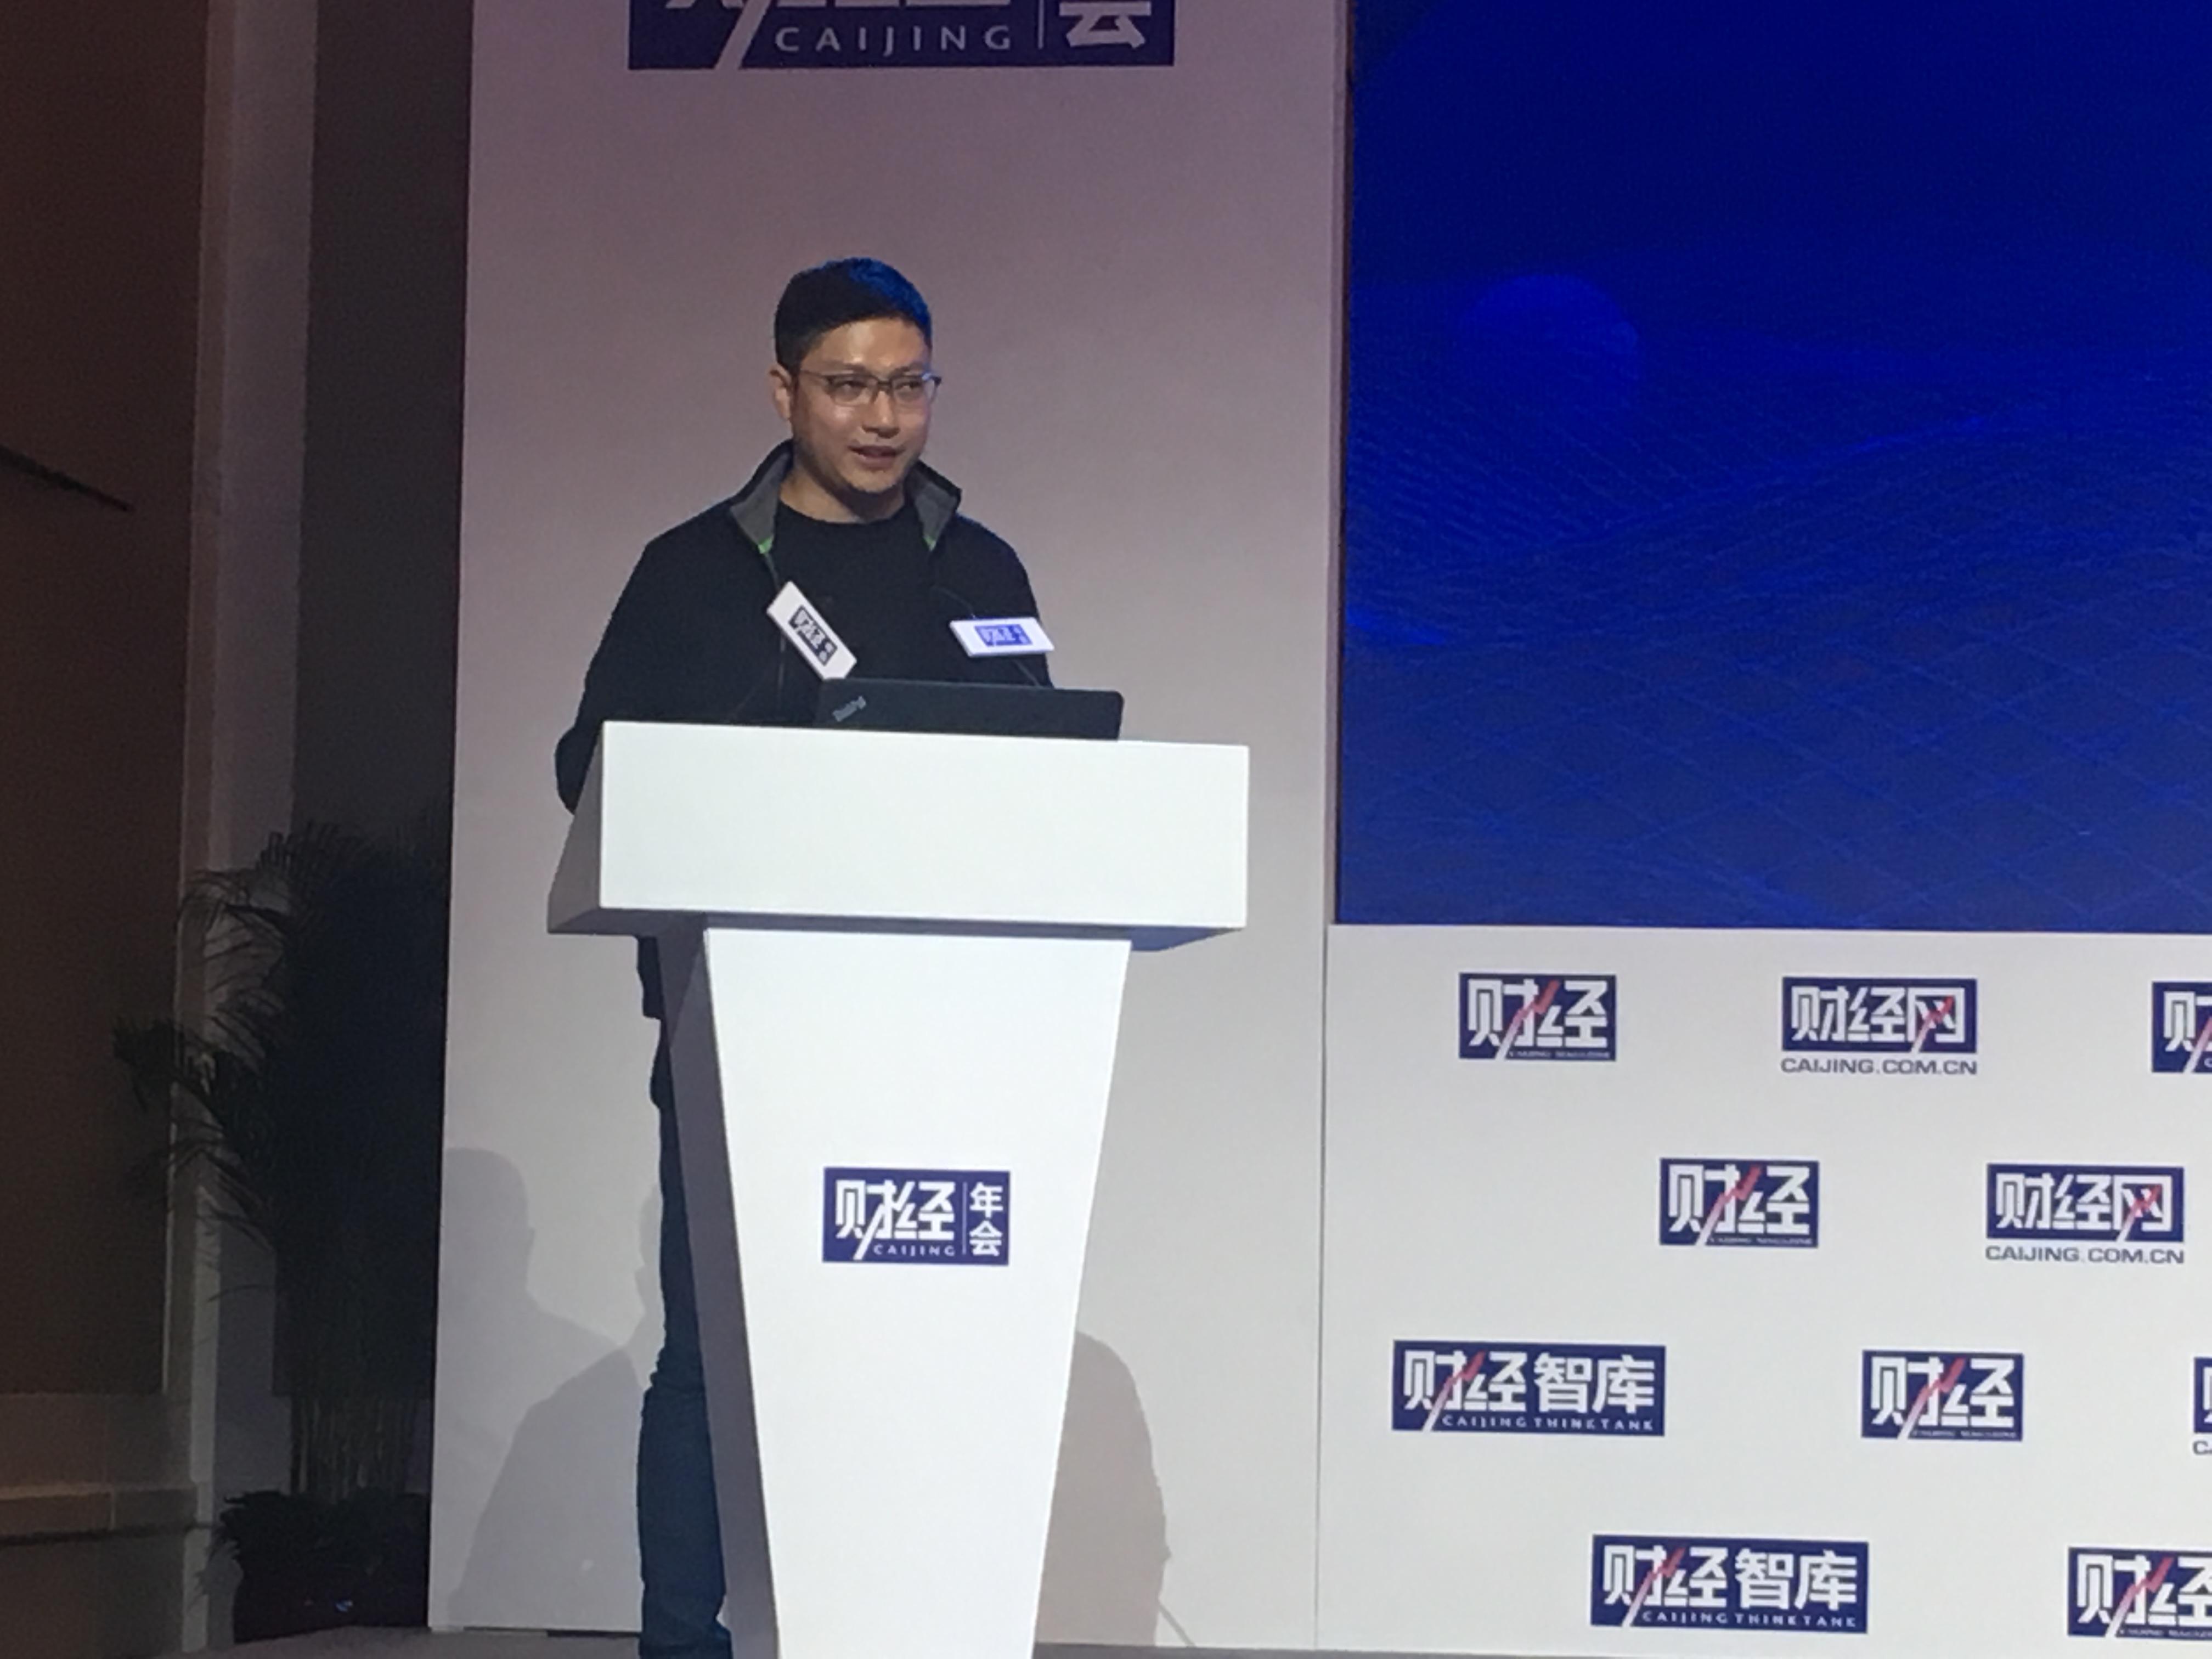 区块链-火星一线   嘉楠耘智联席董事长孔剑平:未来会出现一批超过10万亿美元市值的区块链企业